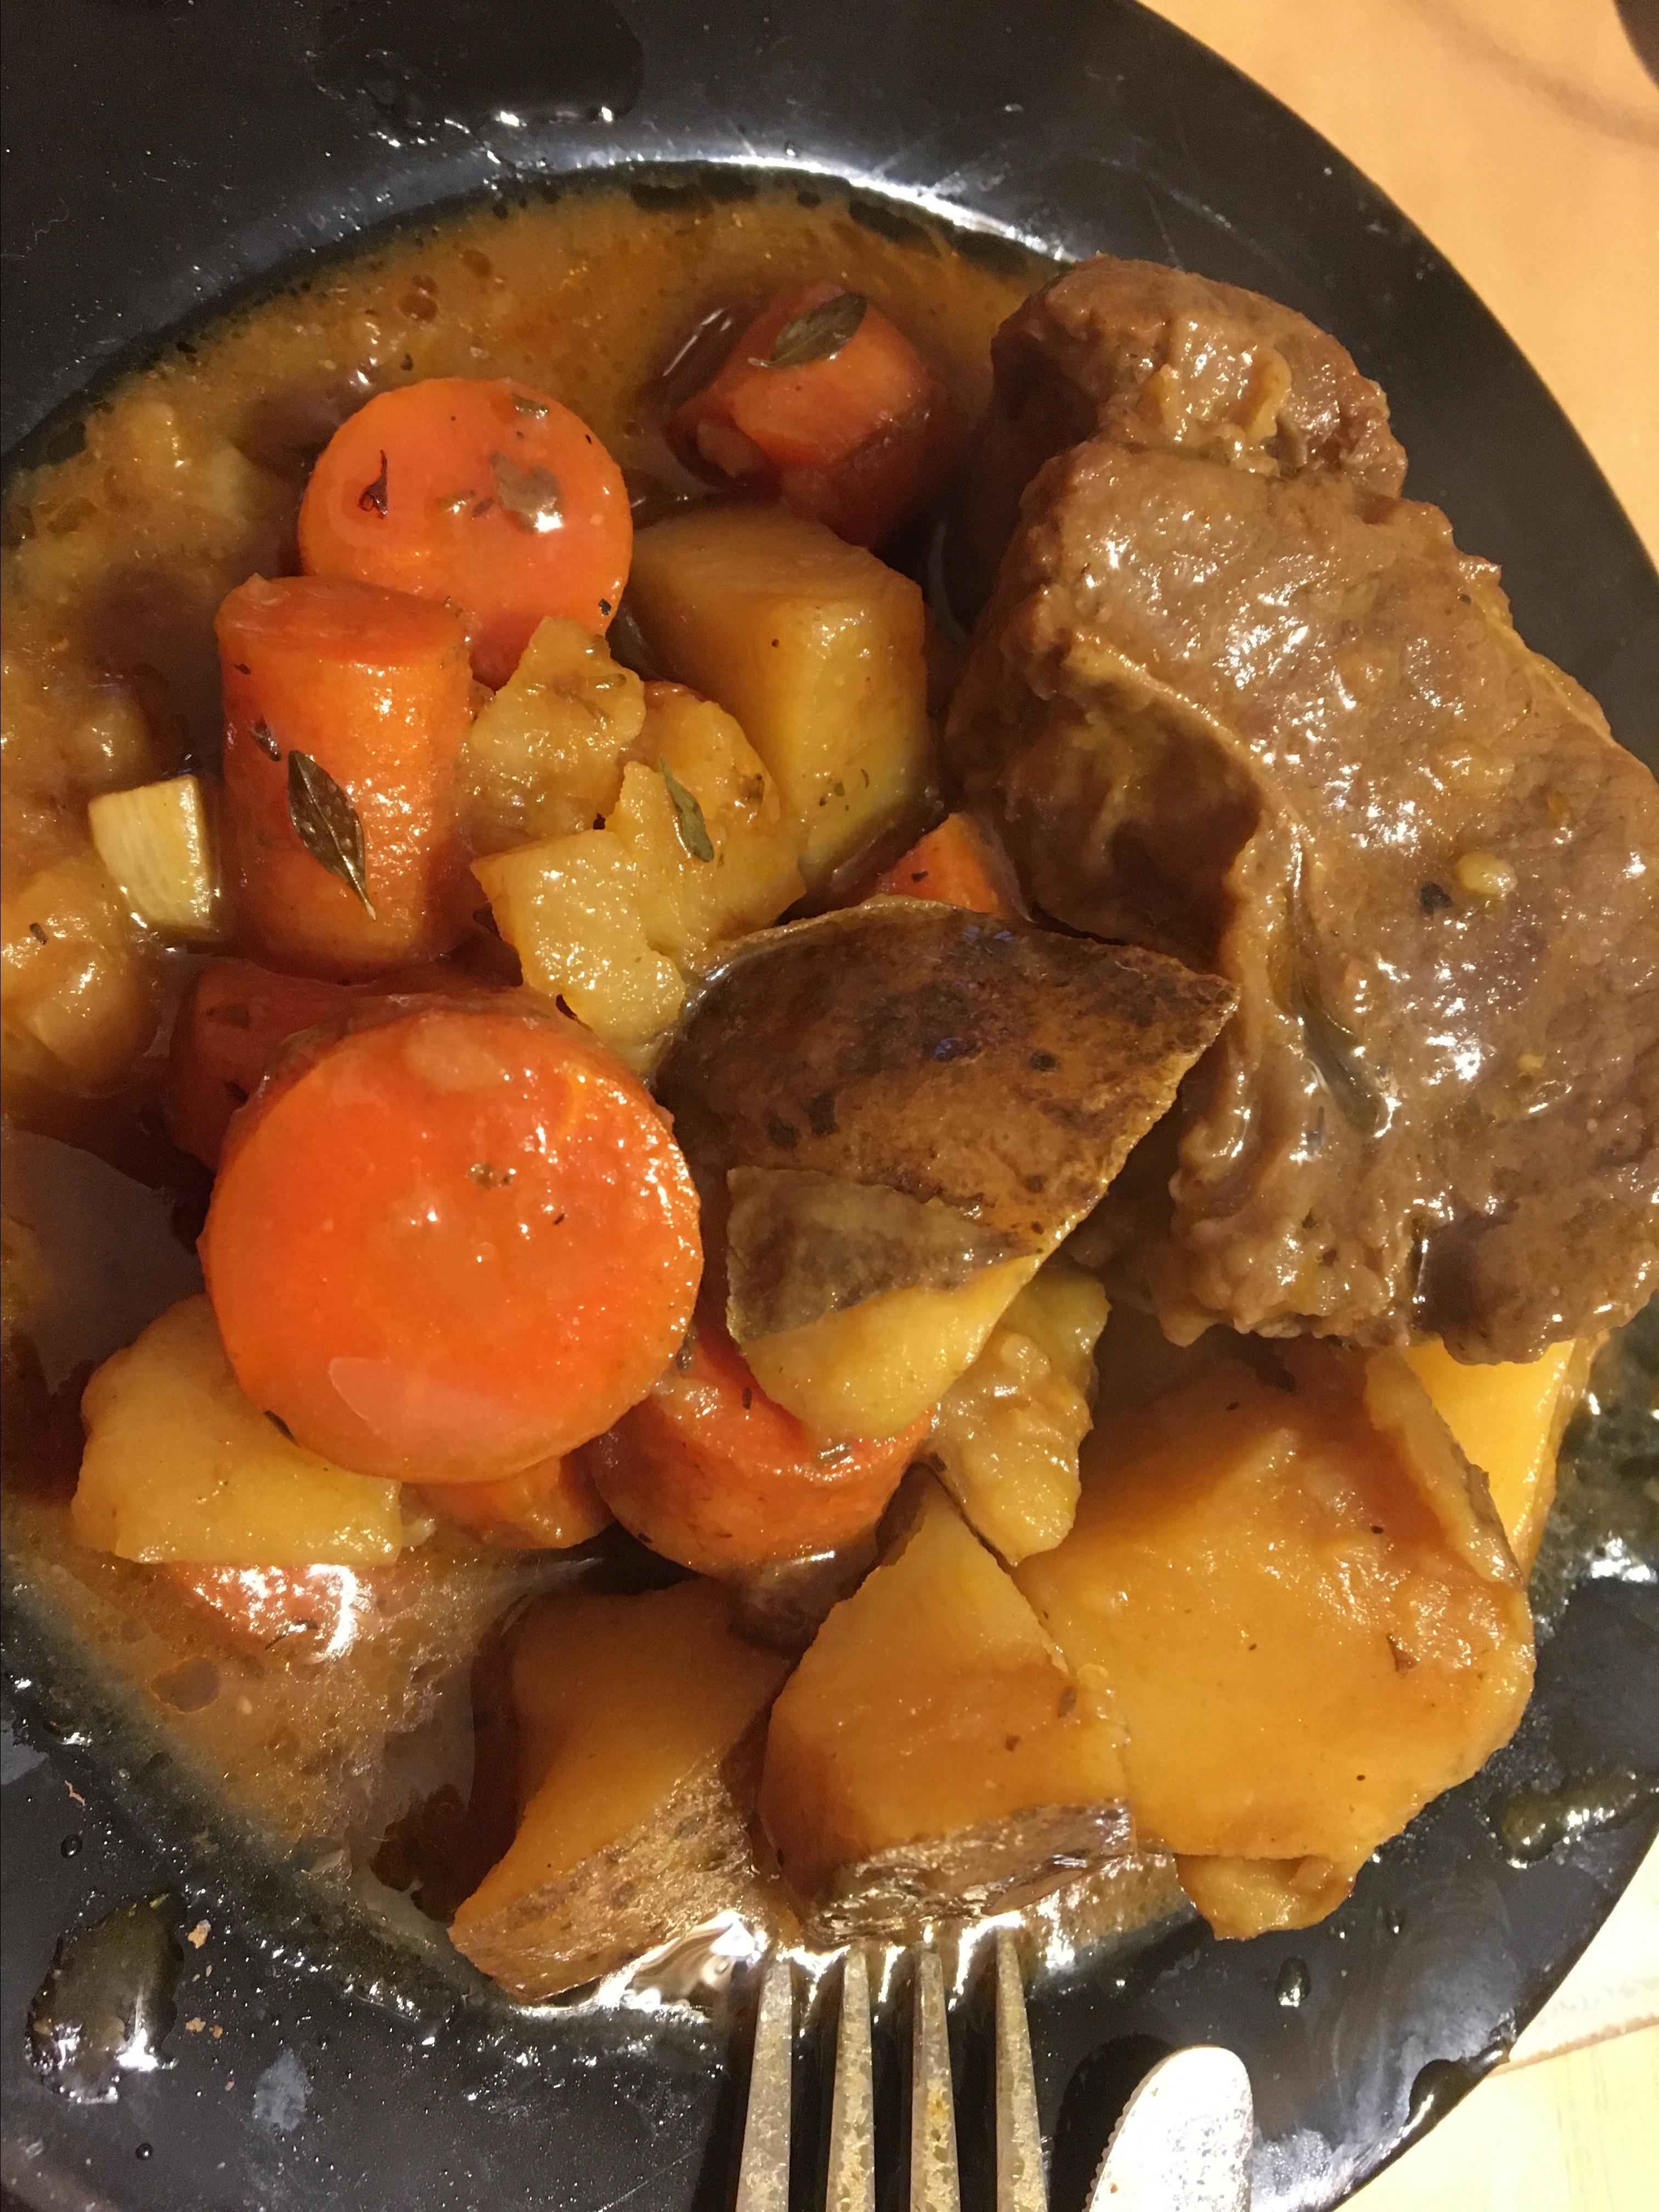 Pot Roast, Vegetables, and Beer Tanya Krolicki